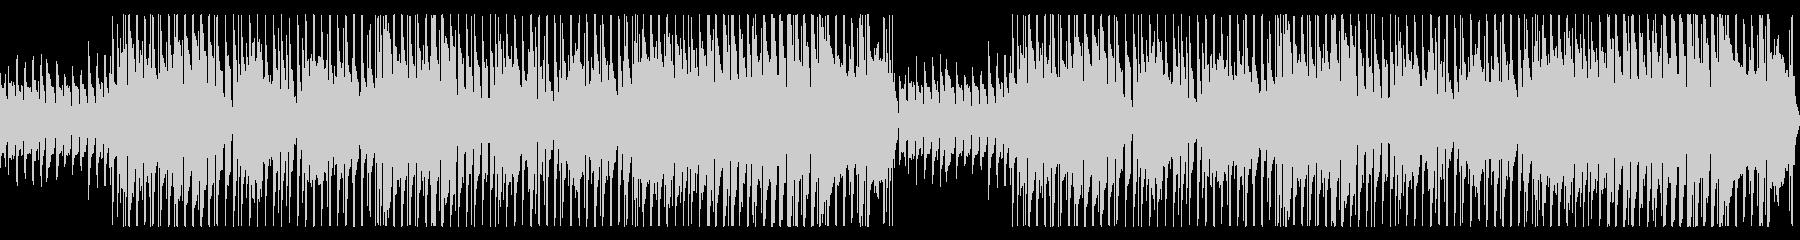 キッズ用04 朗読時の動画 ループ仕様の未再生の波形